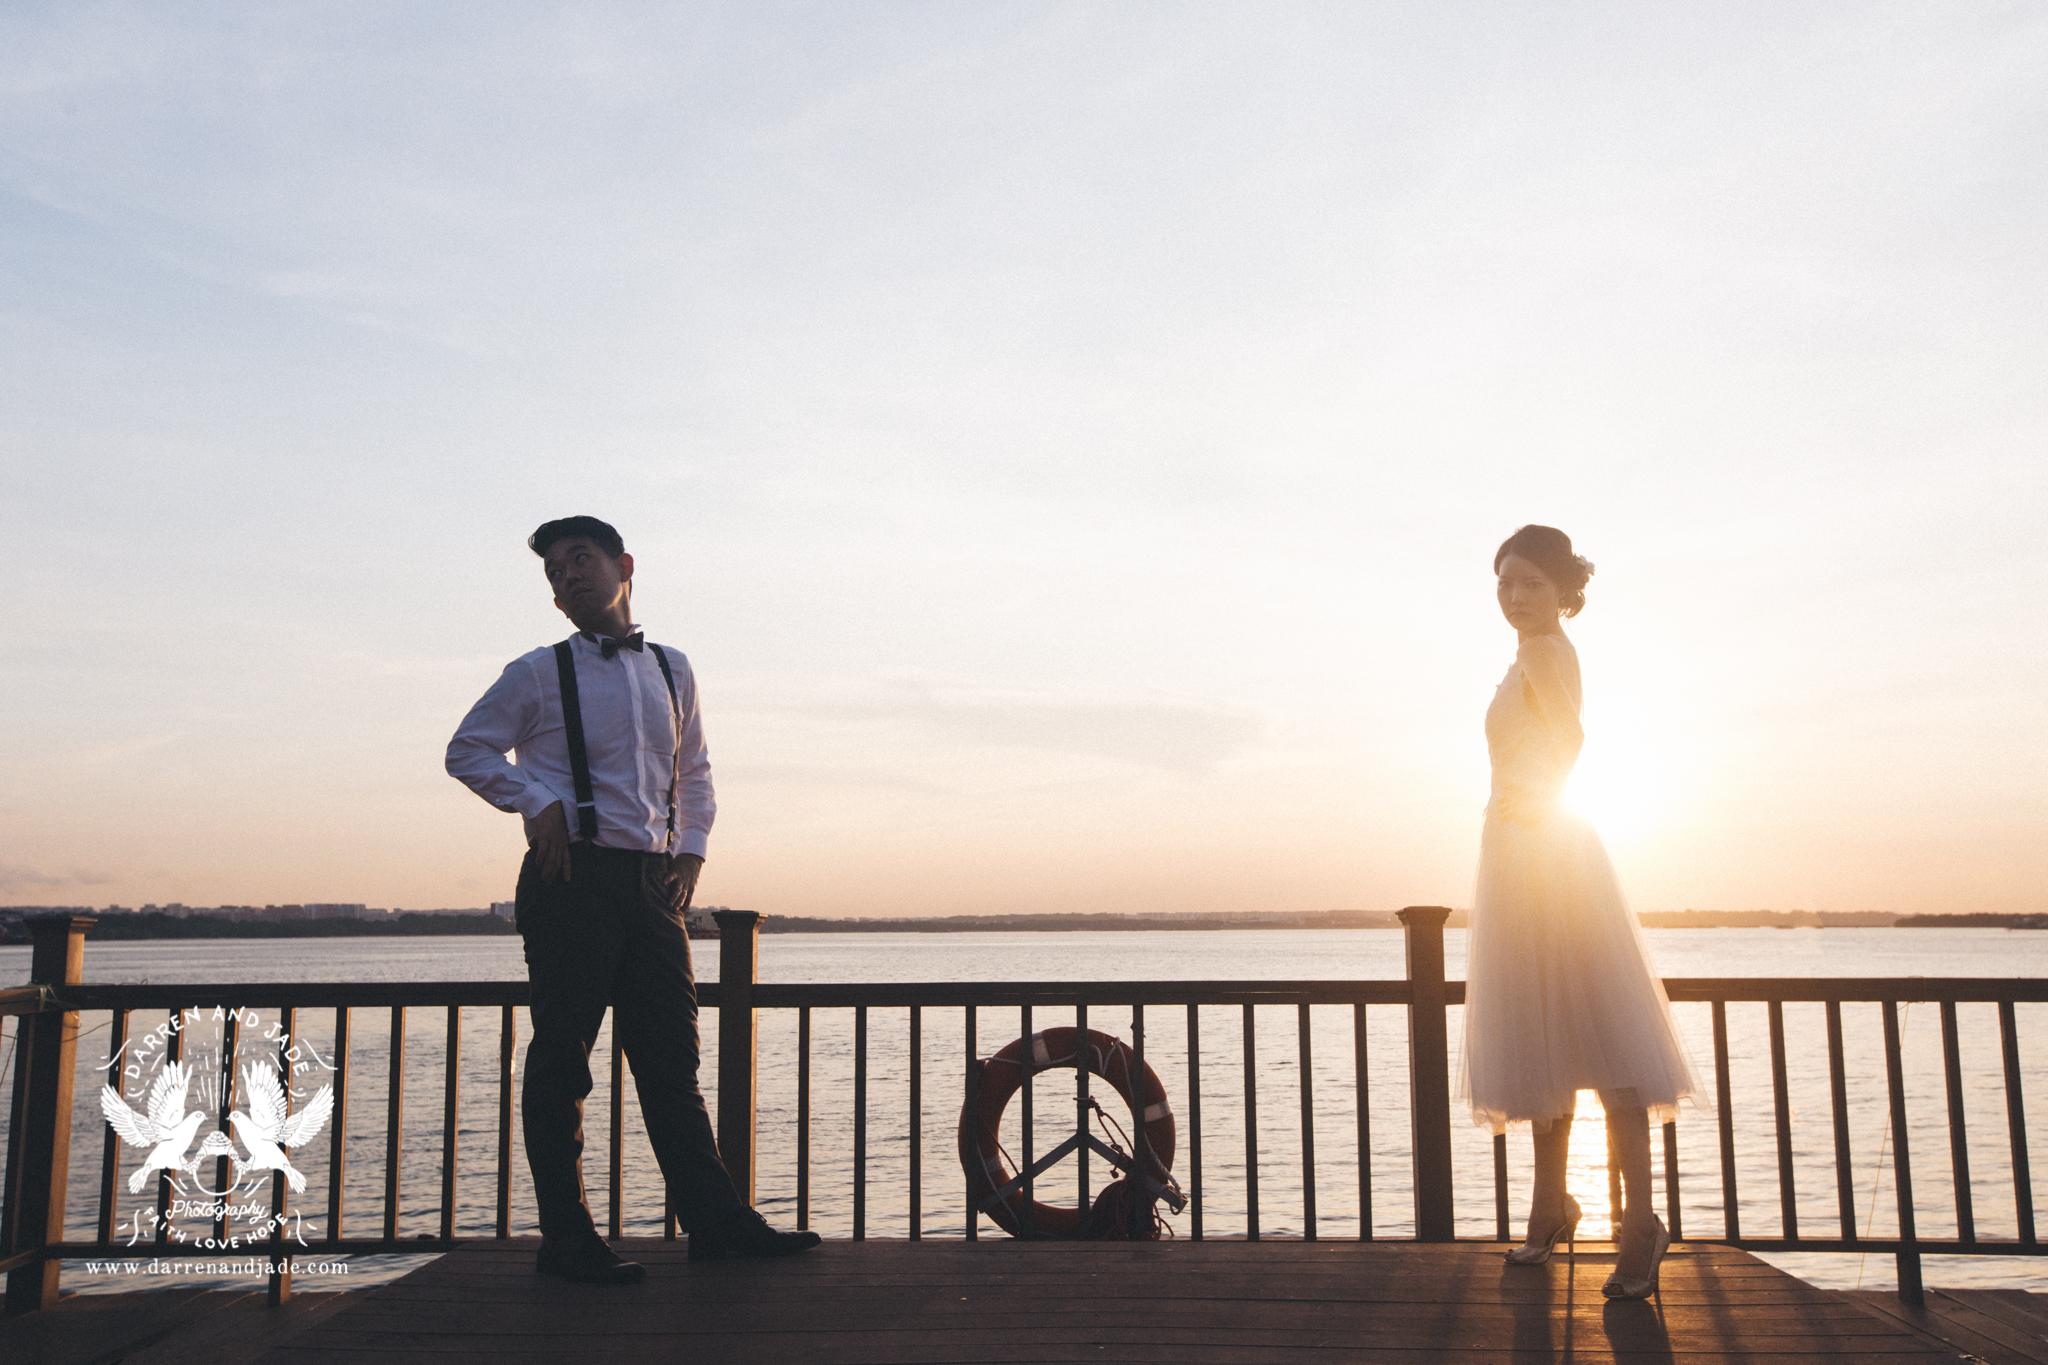 Hannah & Amos - Engagement - Selects - Sharing (41 of 56).jpg